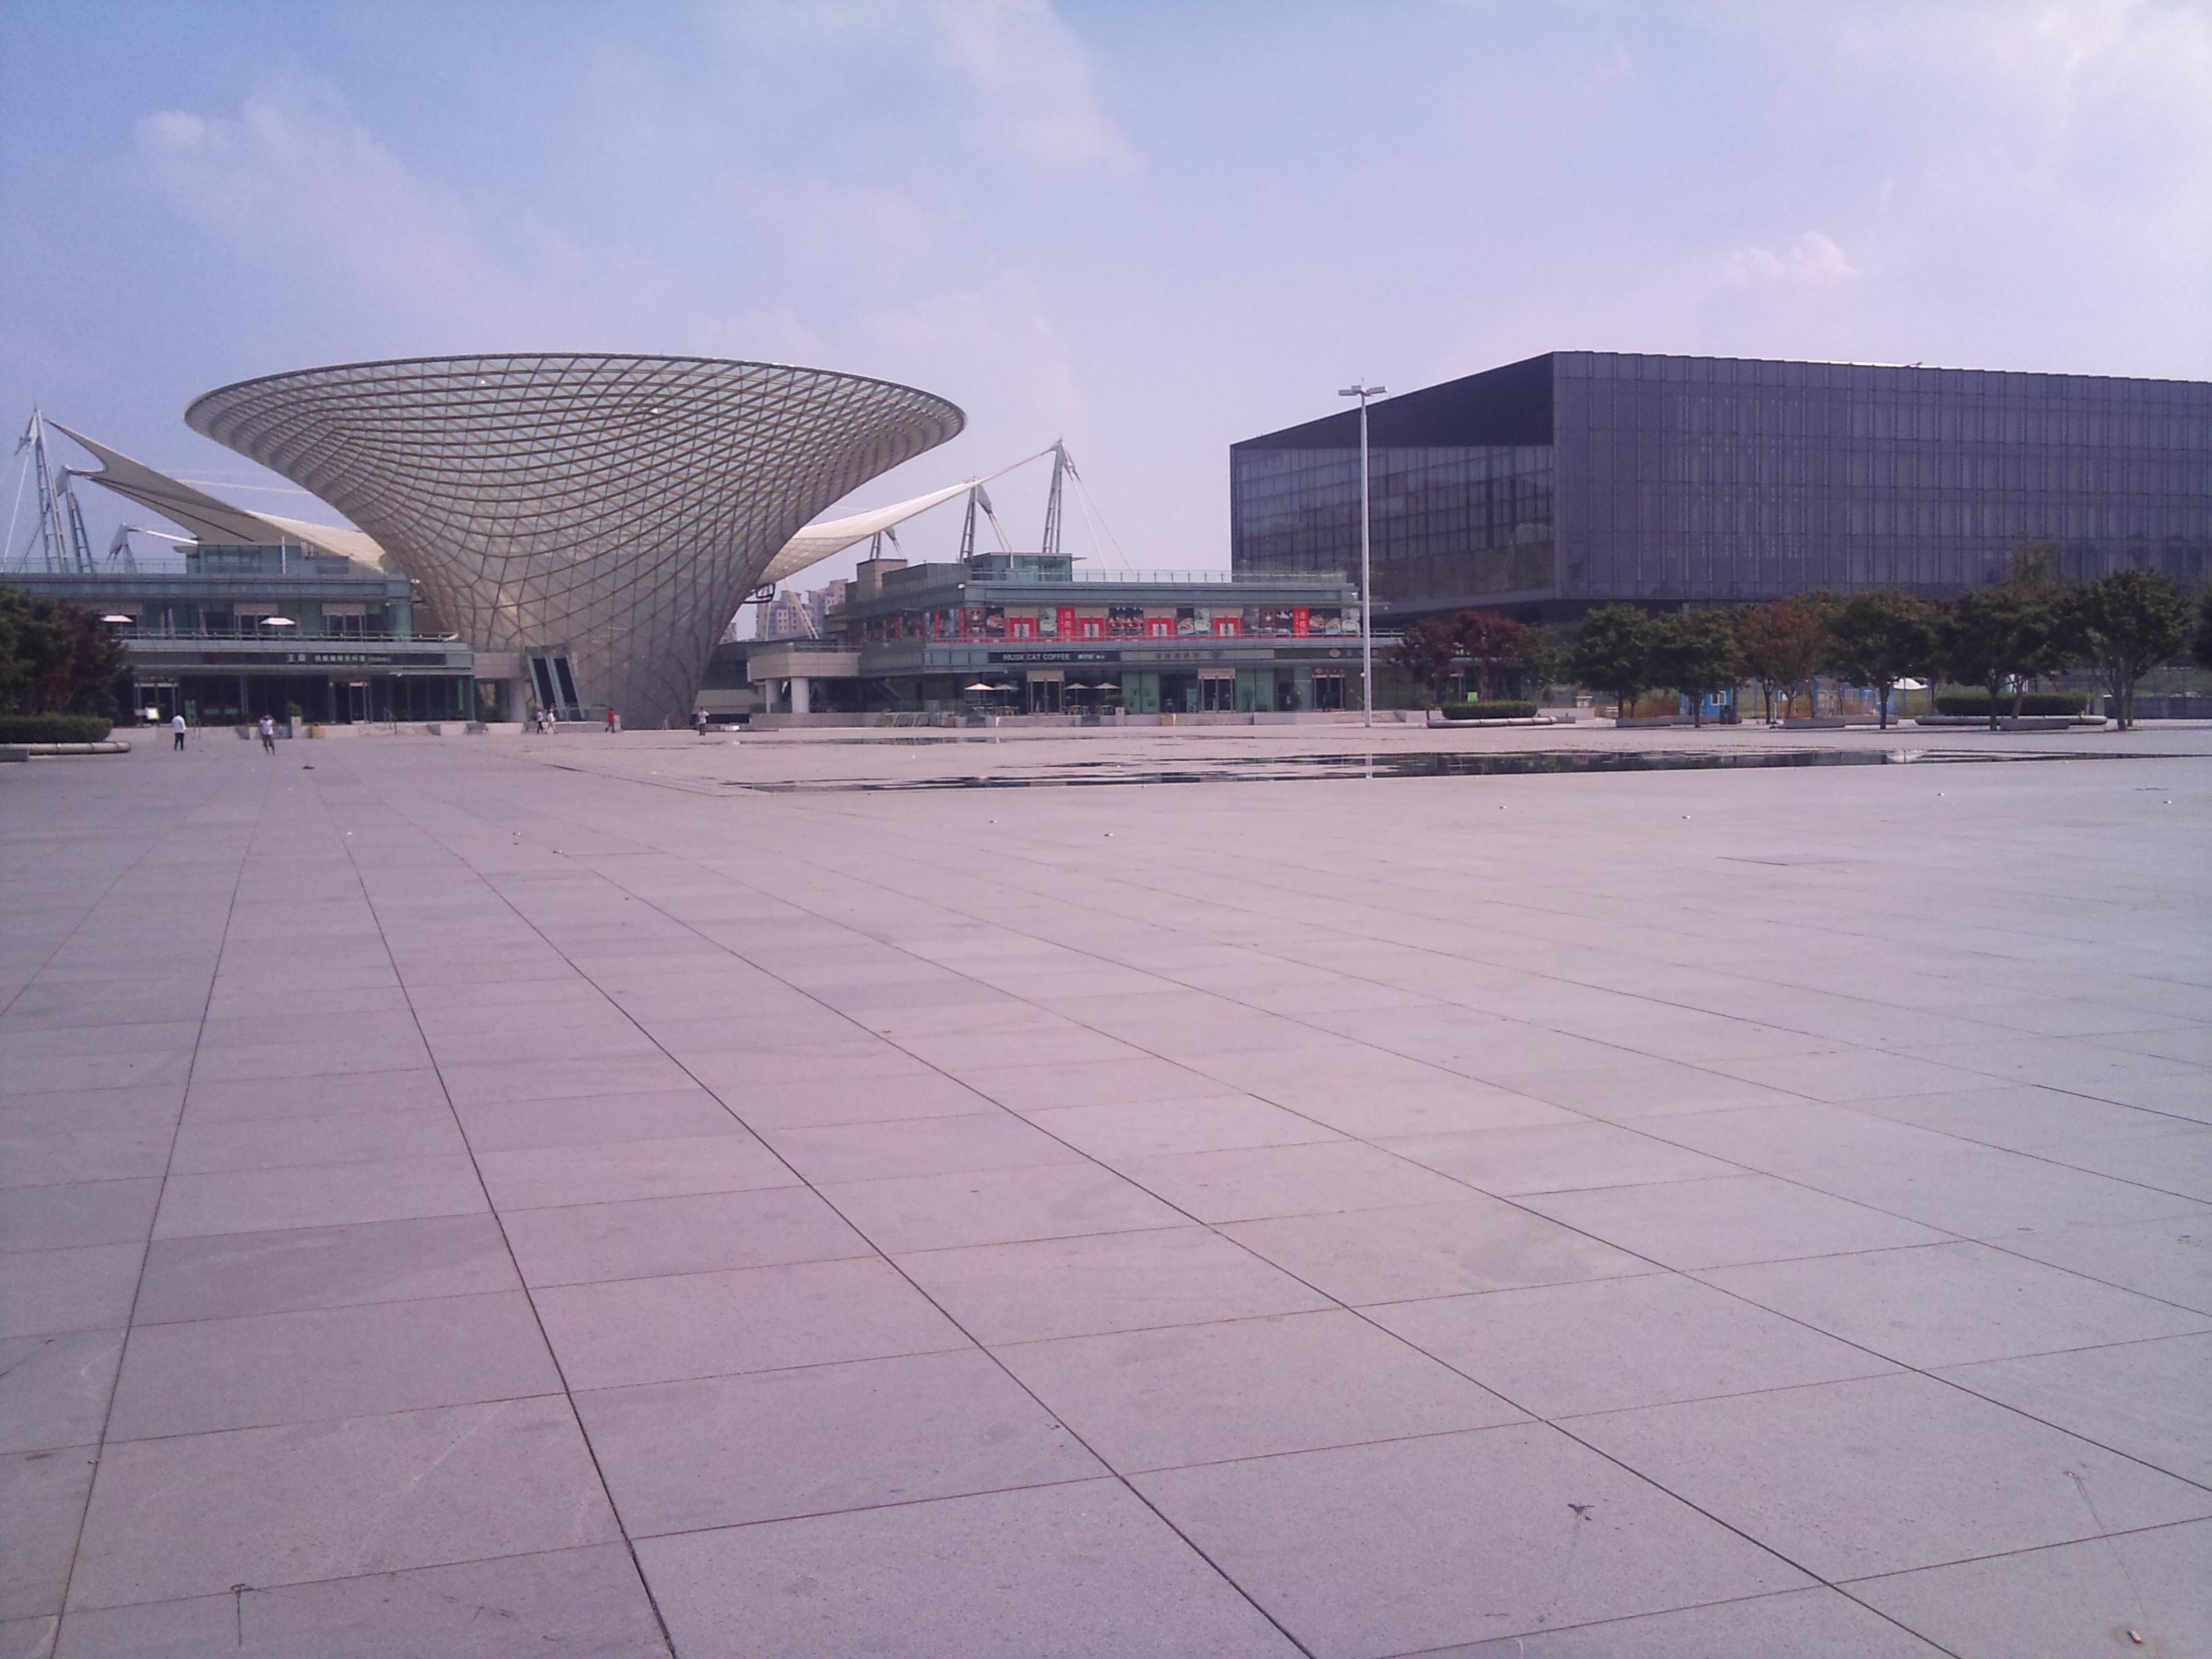 【携程攻略】上海上海世博园景点